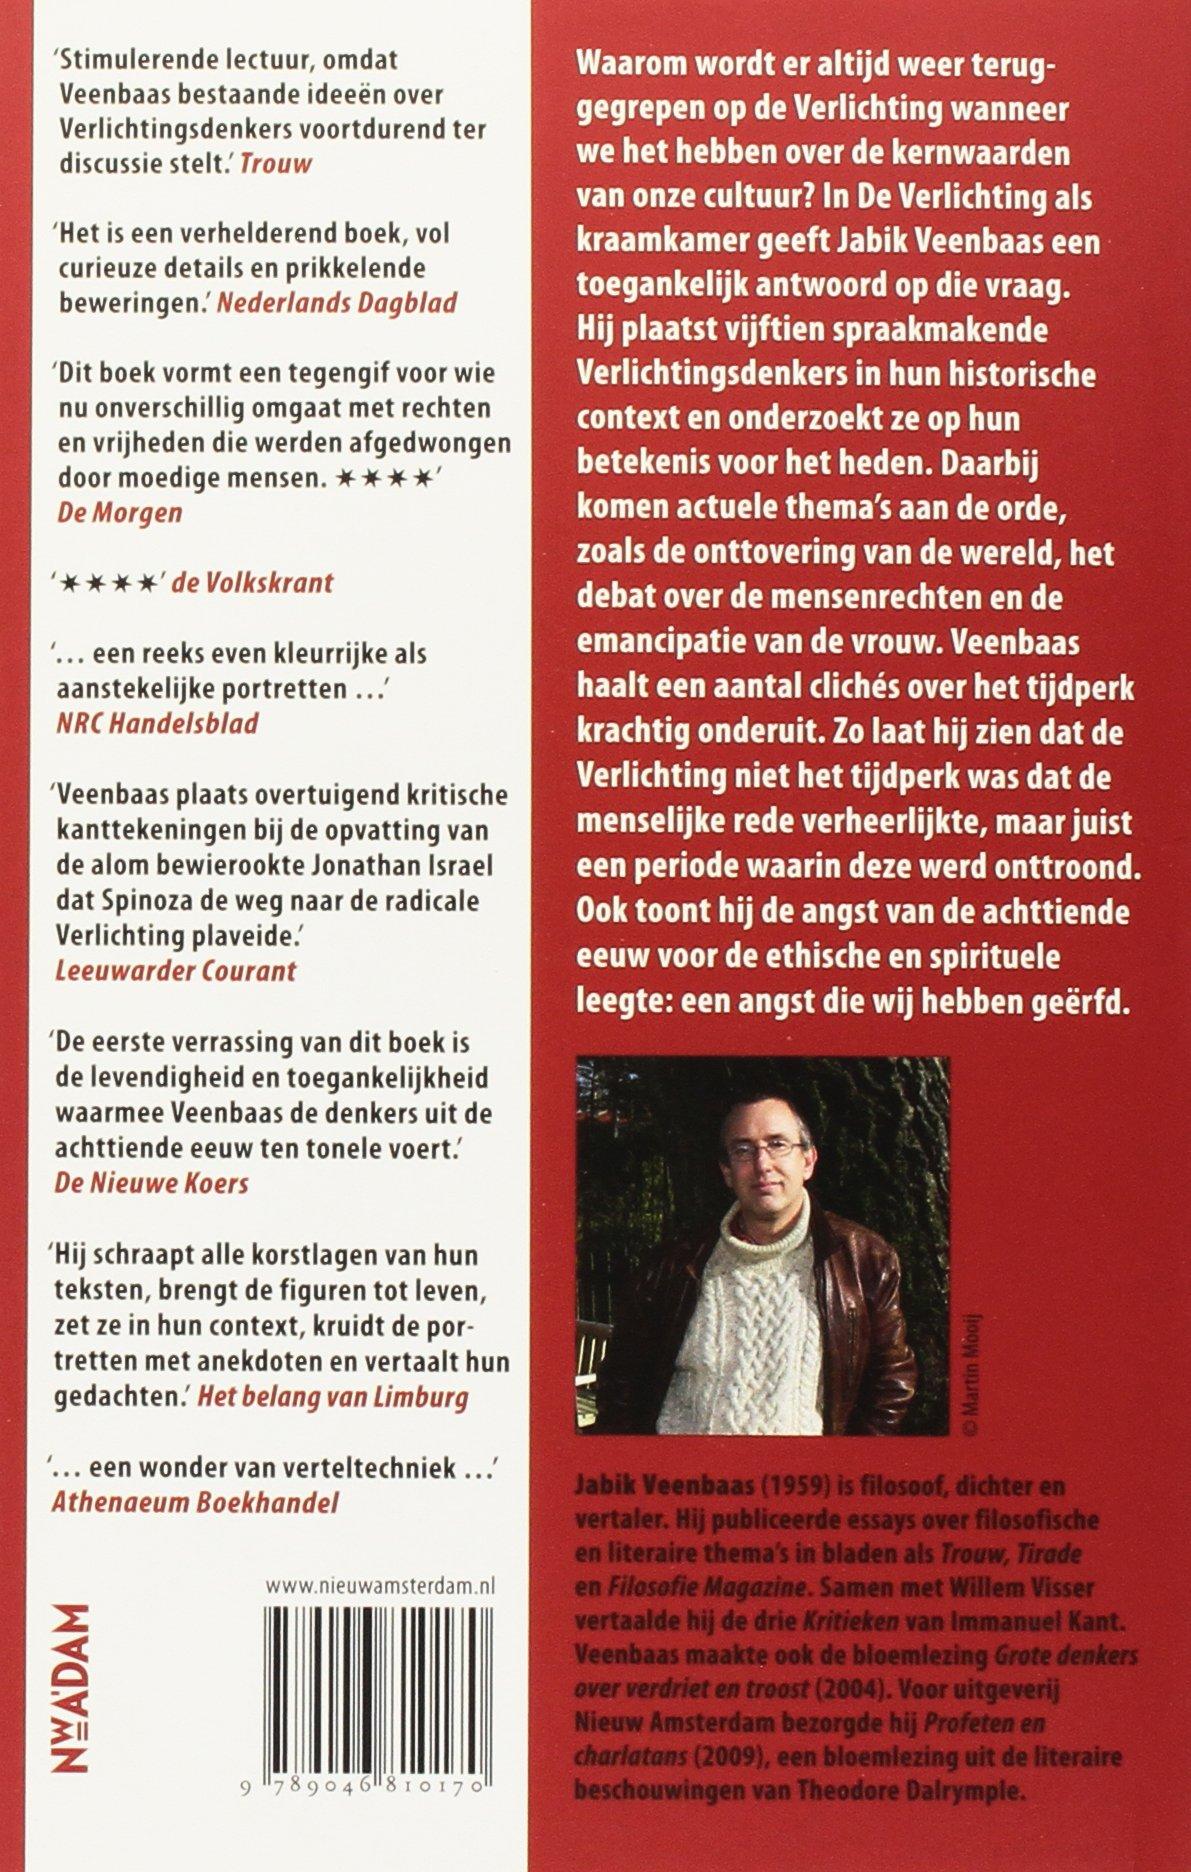 De Verlichting als kraamkamer: over het tijdperk en zijn betekenis ...